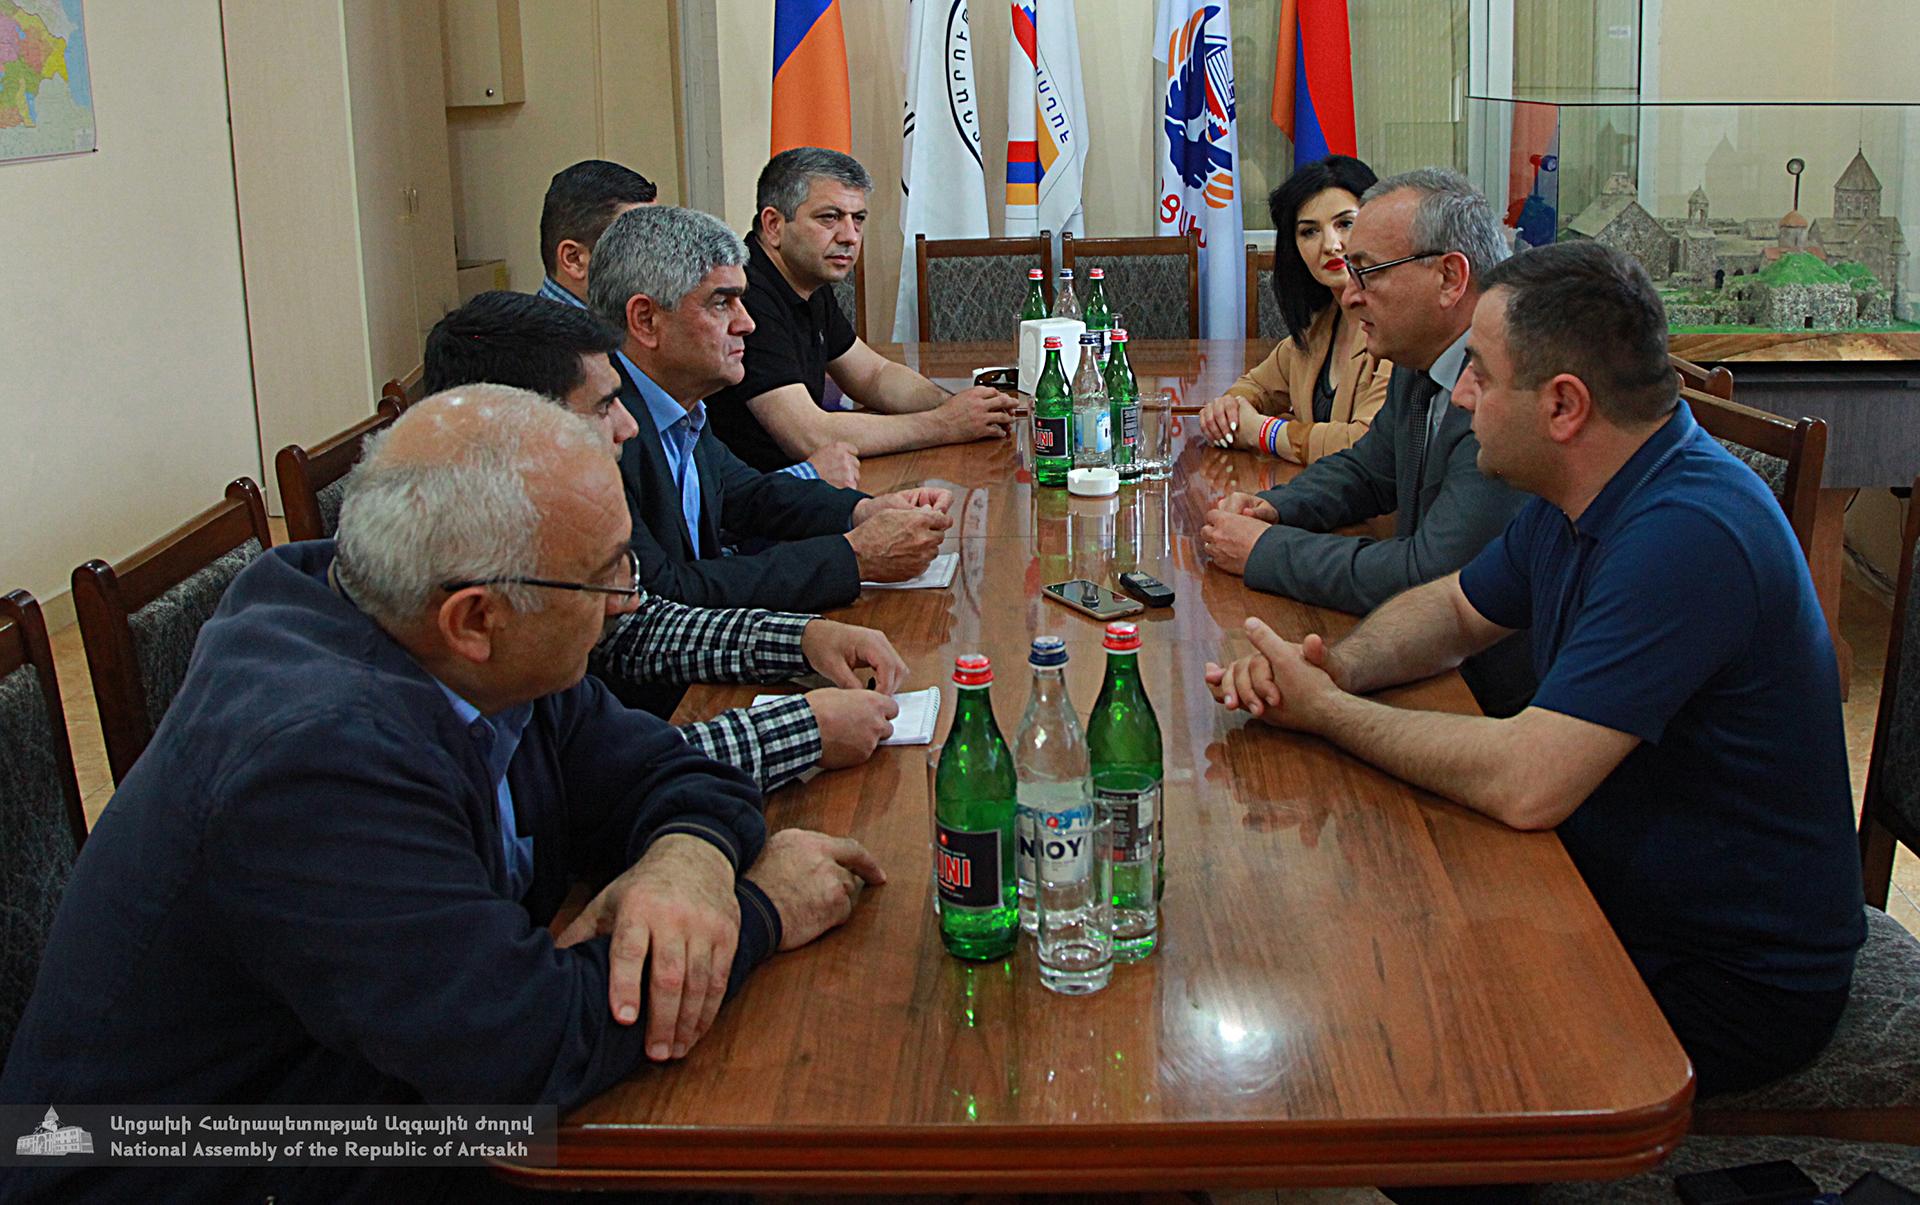 Photo of Արթուր Թովմասյանը հանդիպումներ է ունենում քաղաքական ուժերի և նախագահական ընտրություններին մասնակցած թեկնածուների հետ